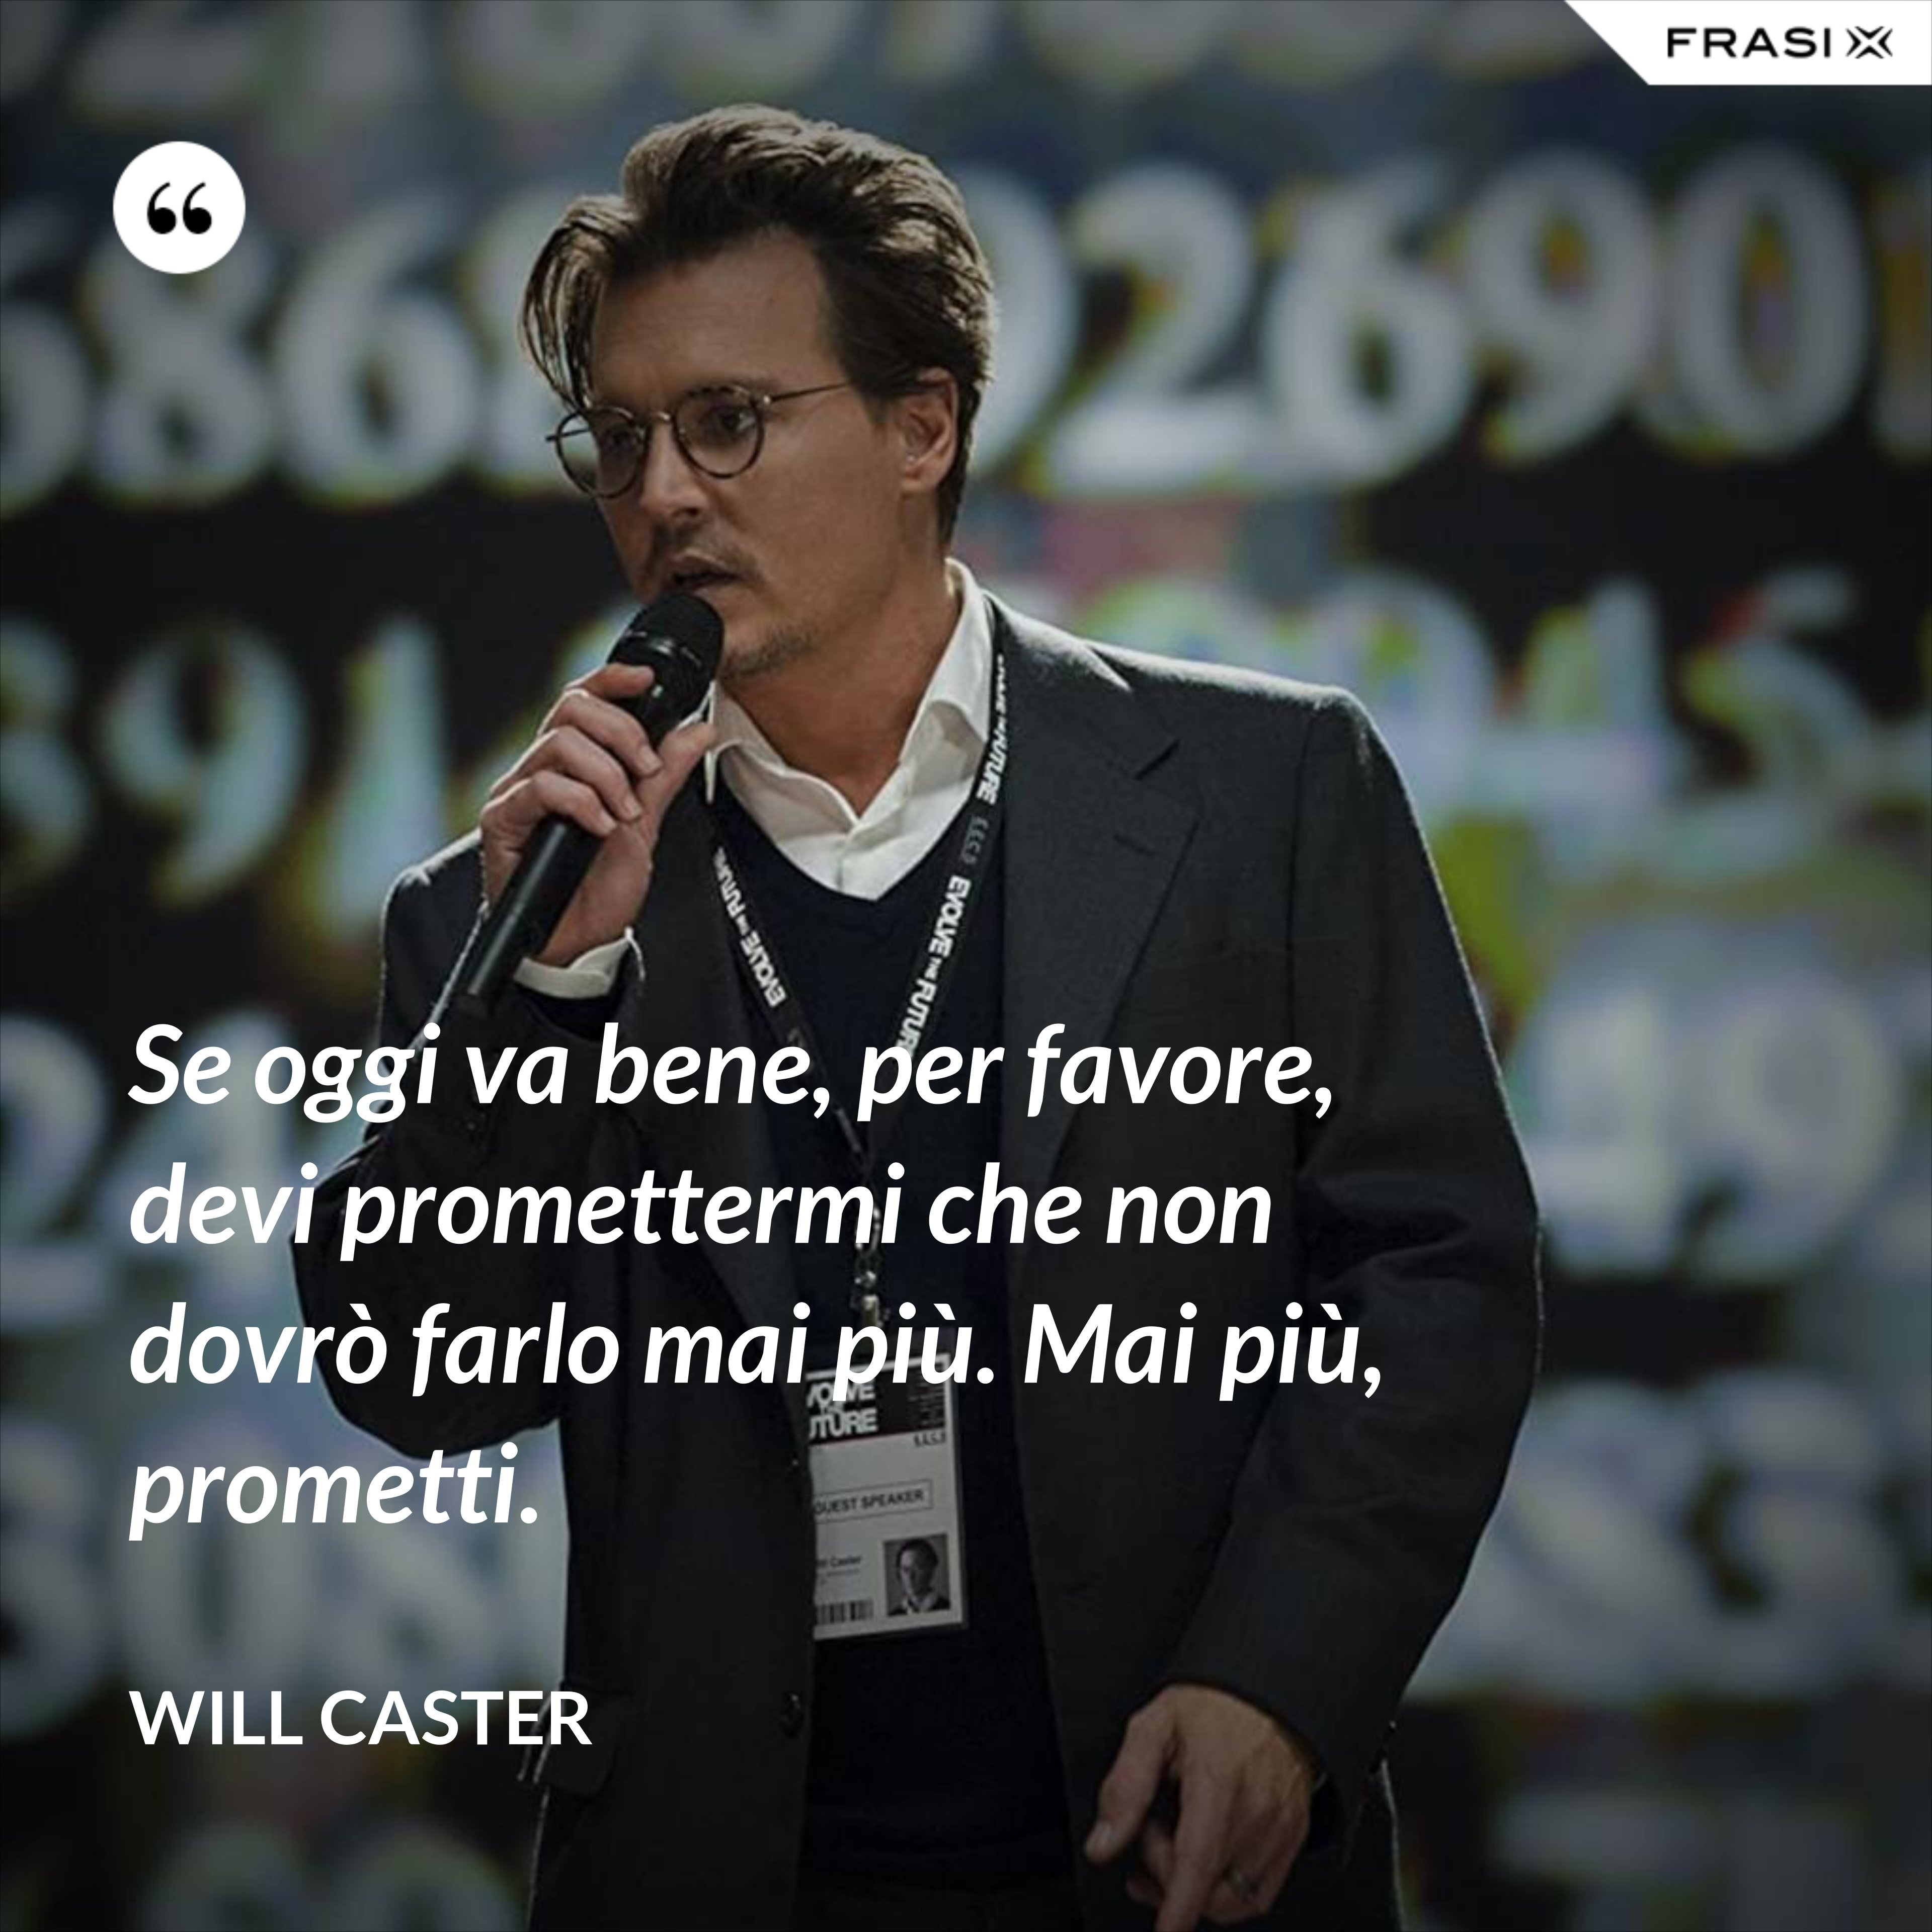 Se oggi va bene, per favore, devi promettermi che non dovrò farlo mai più. Mai più, prometti. - Will Caster